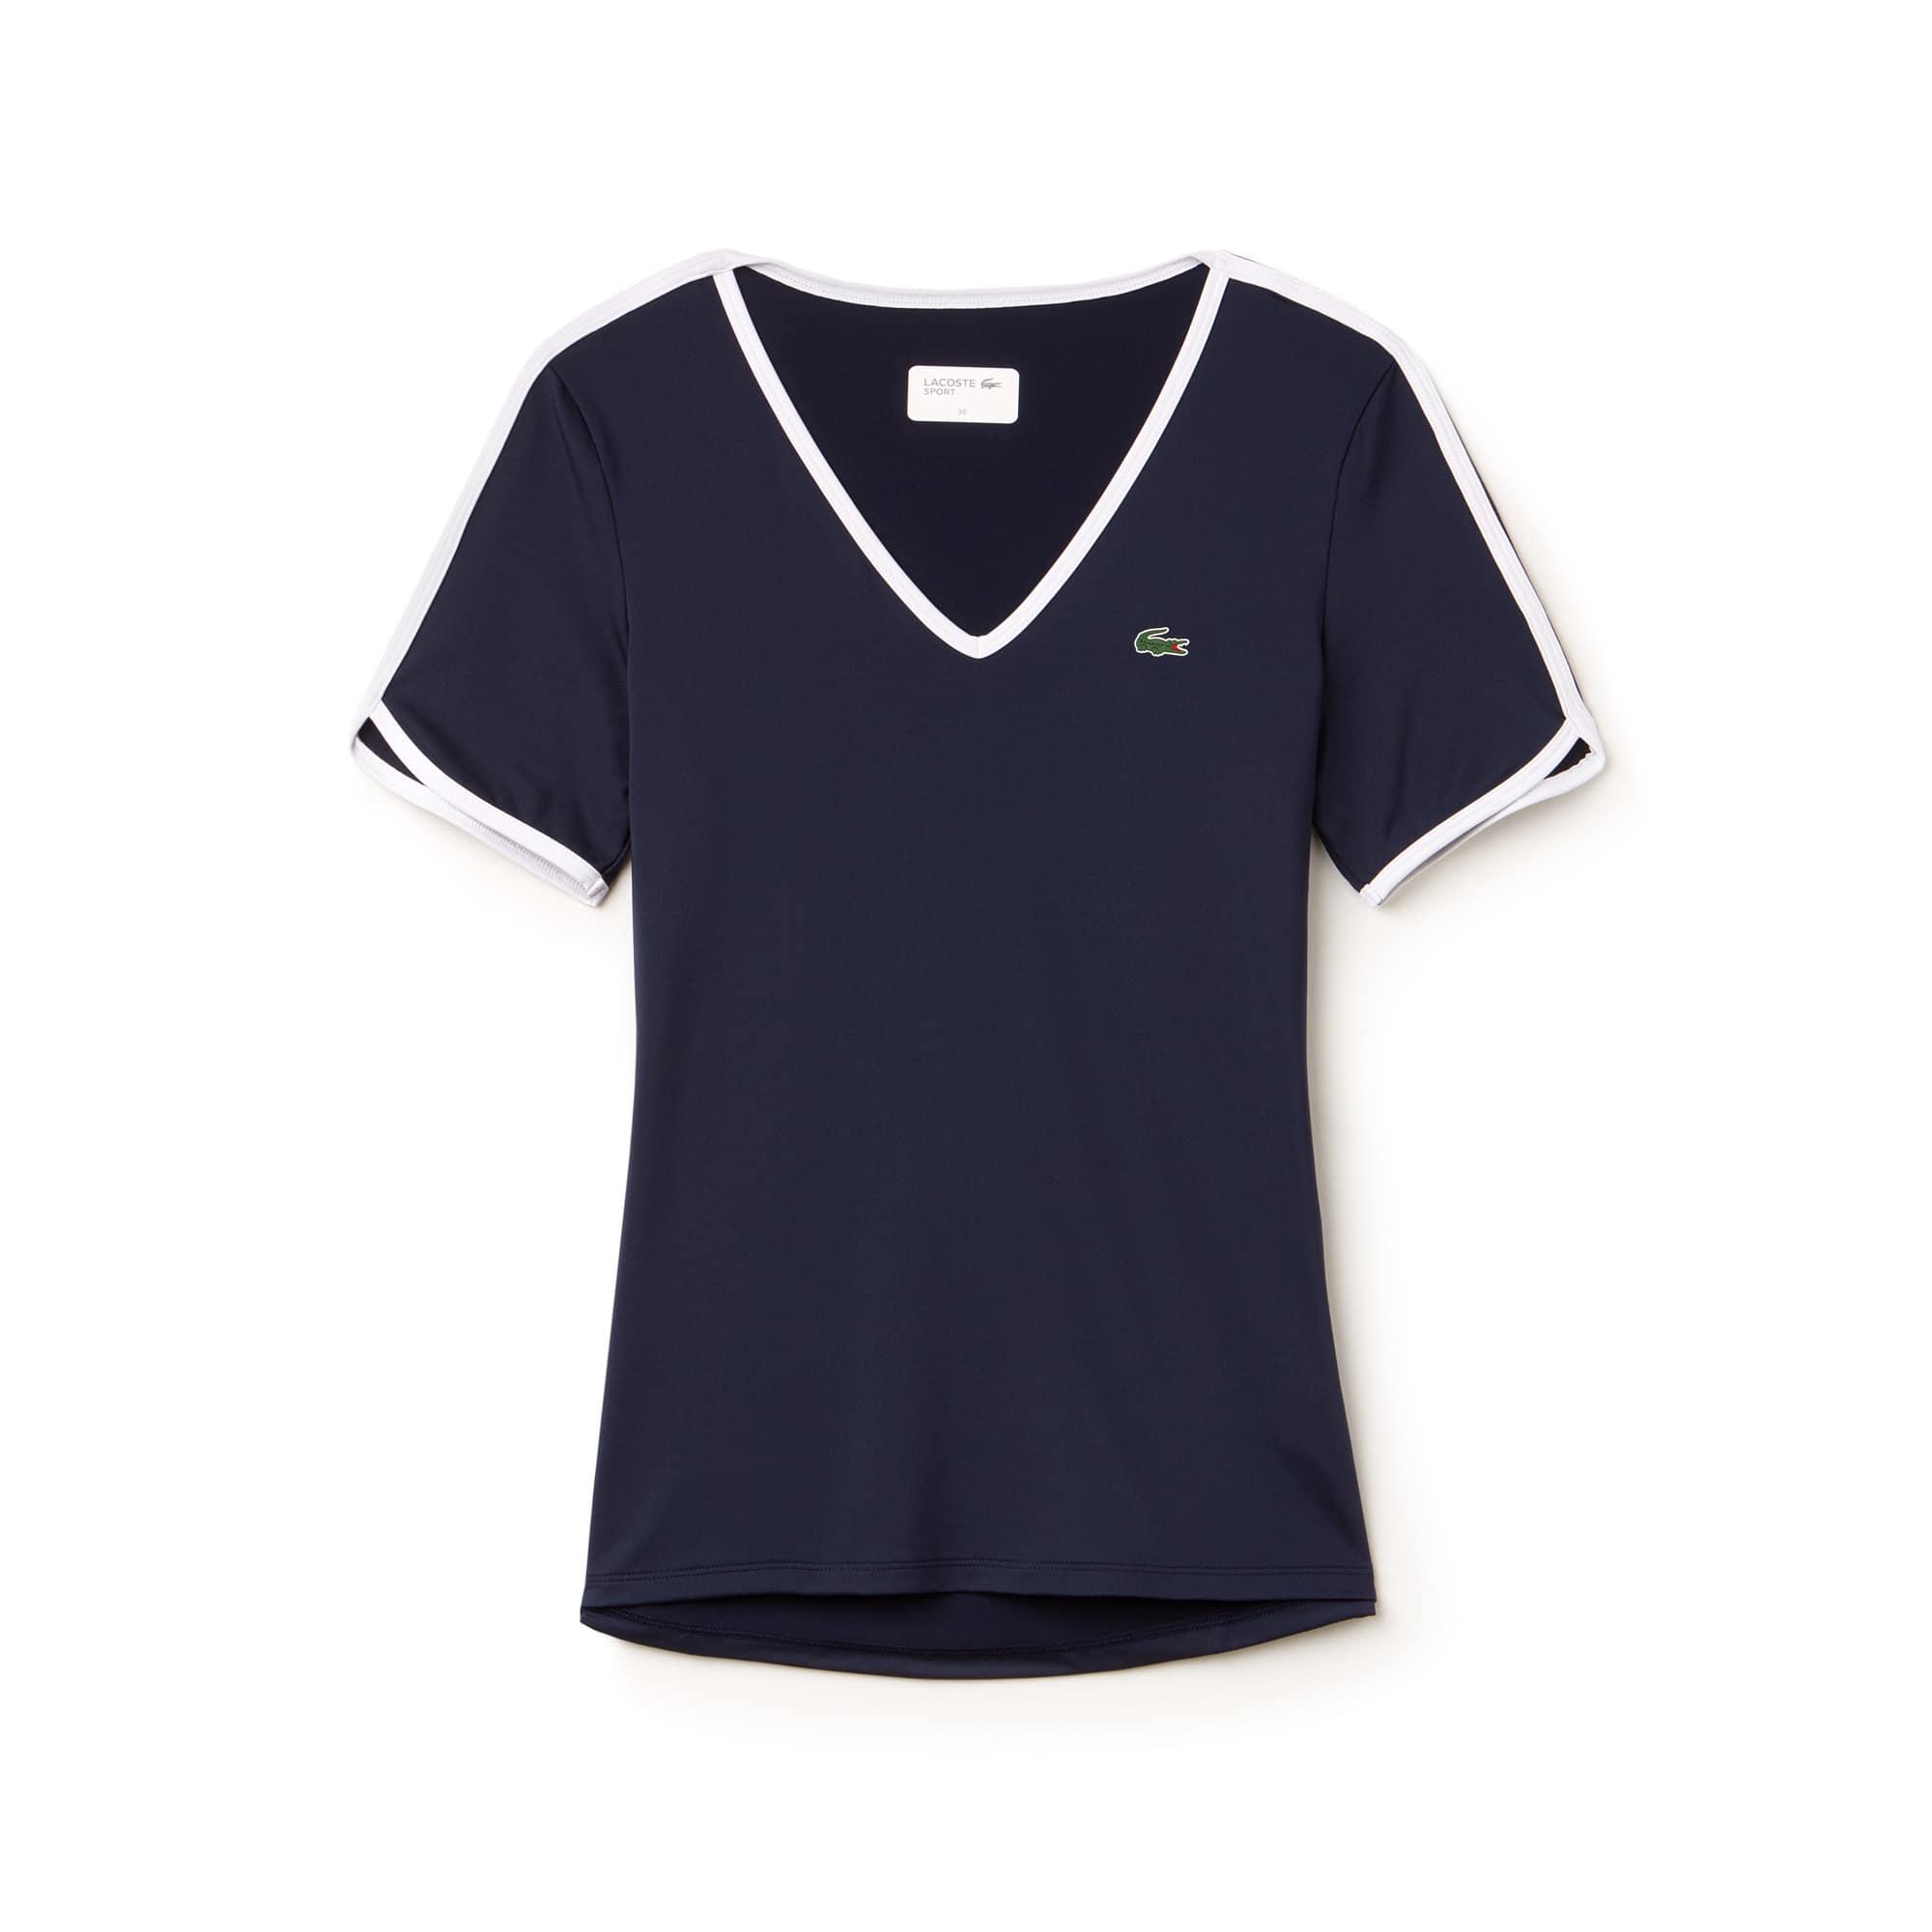 Women's Lacoste SPORT V-neck Stretch Tech Jersey Tennis T-shirt